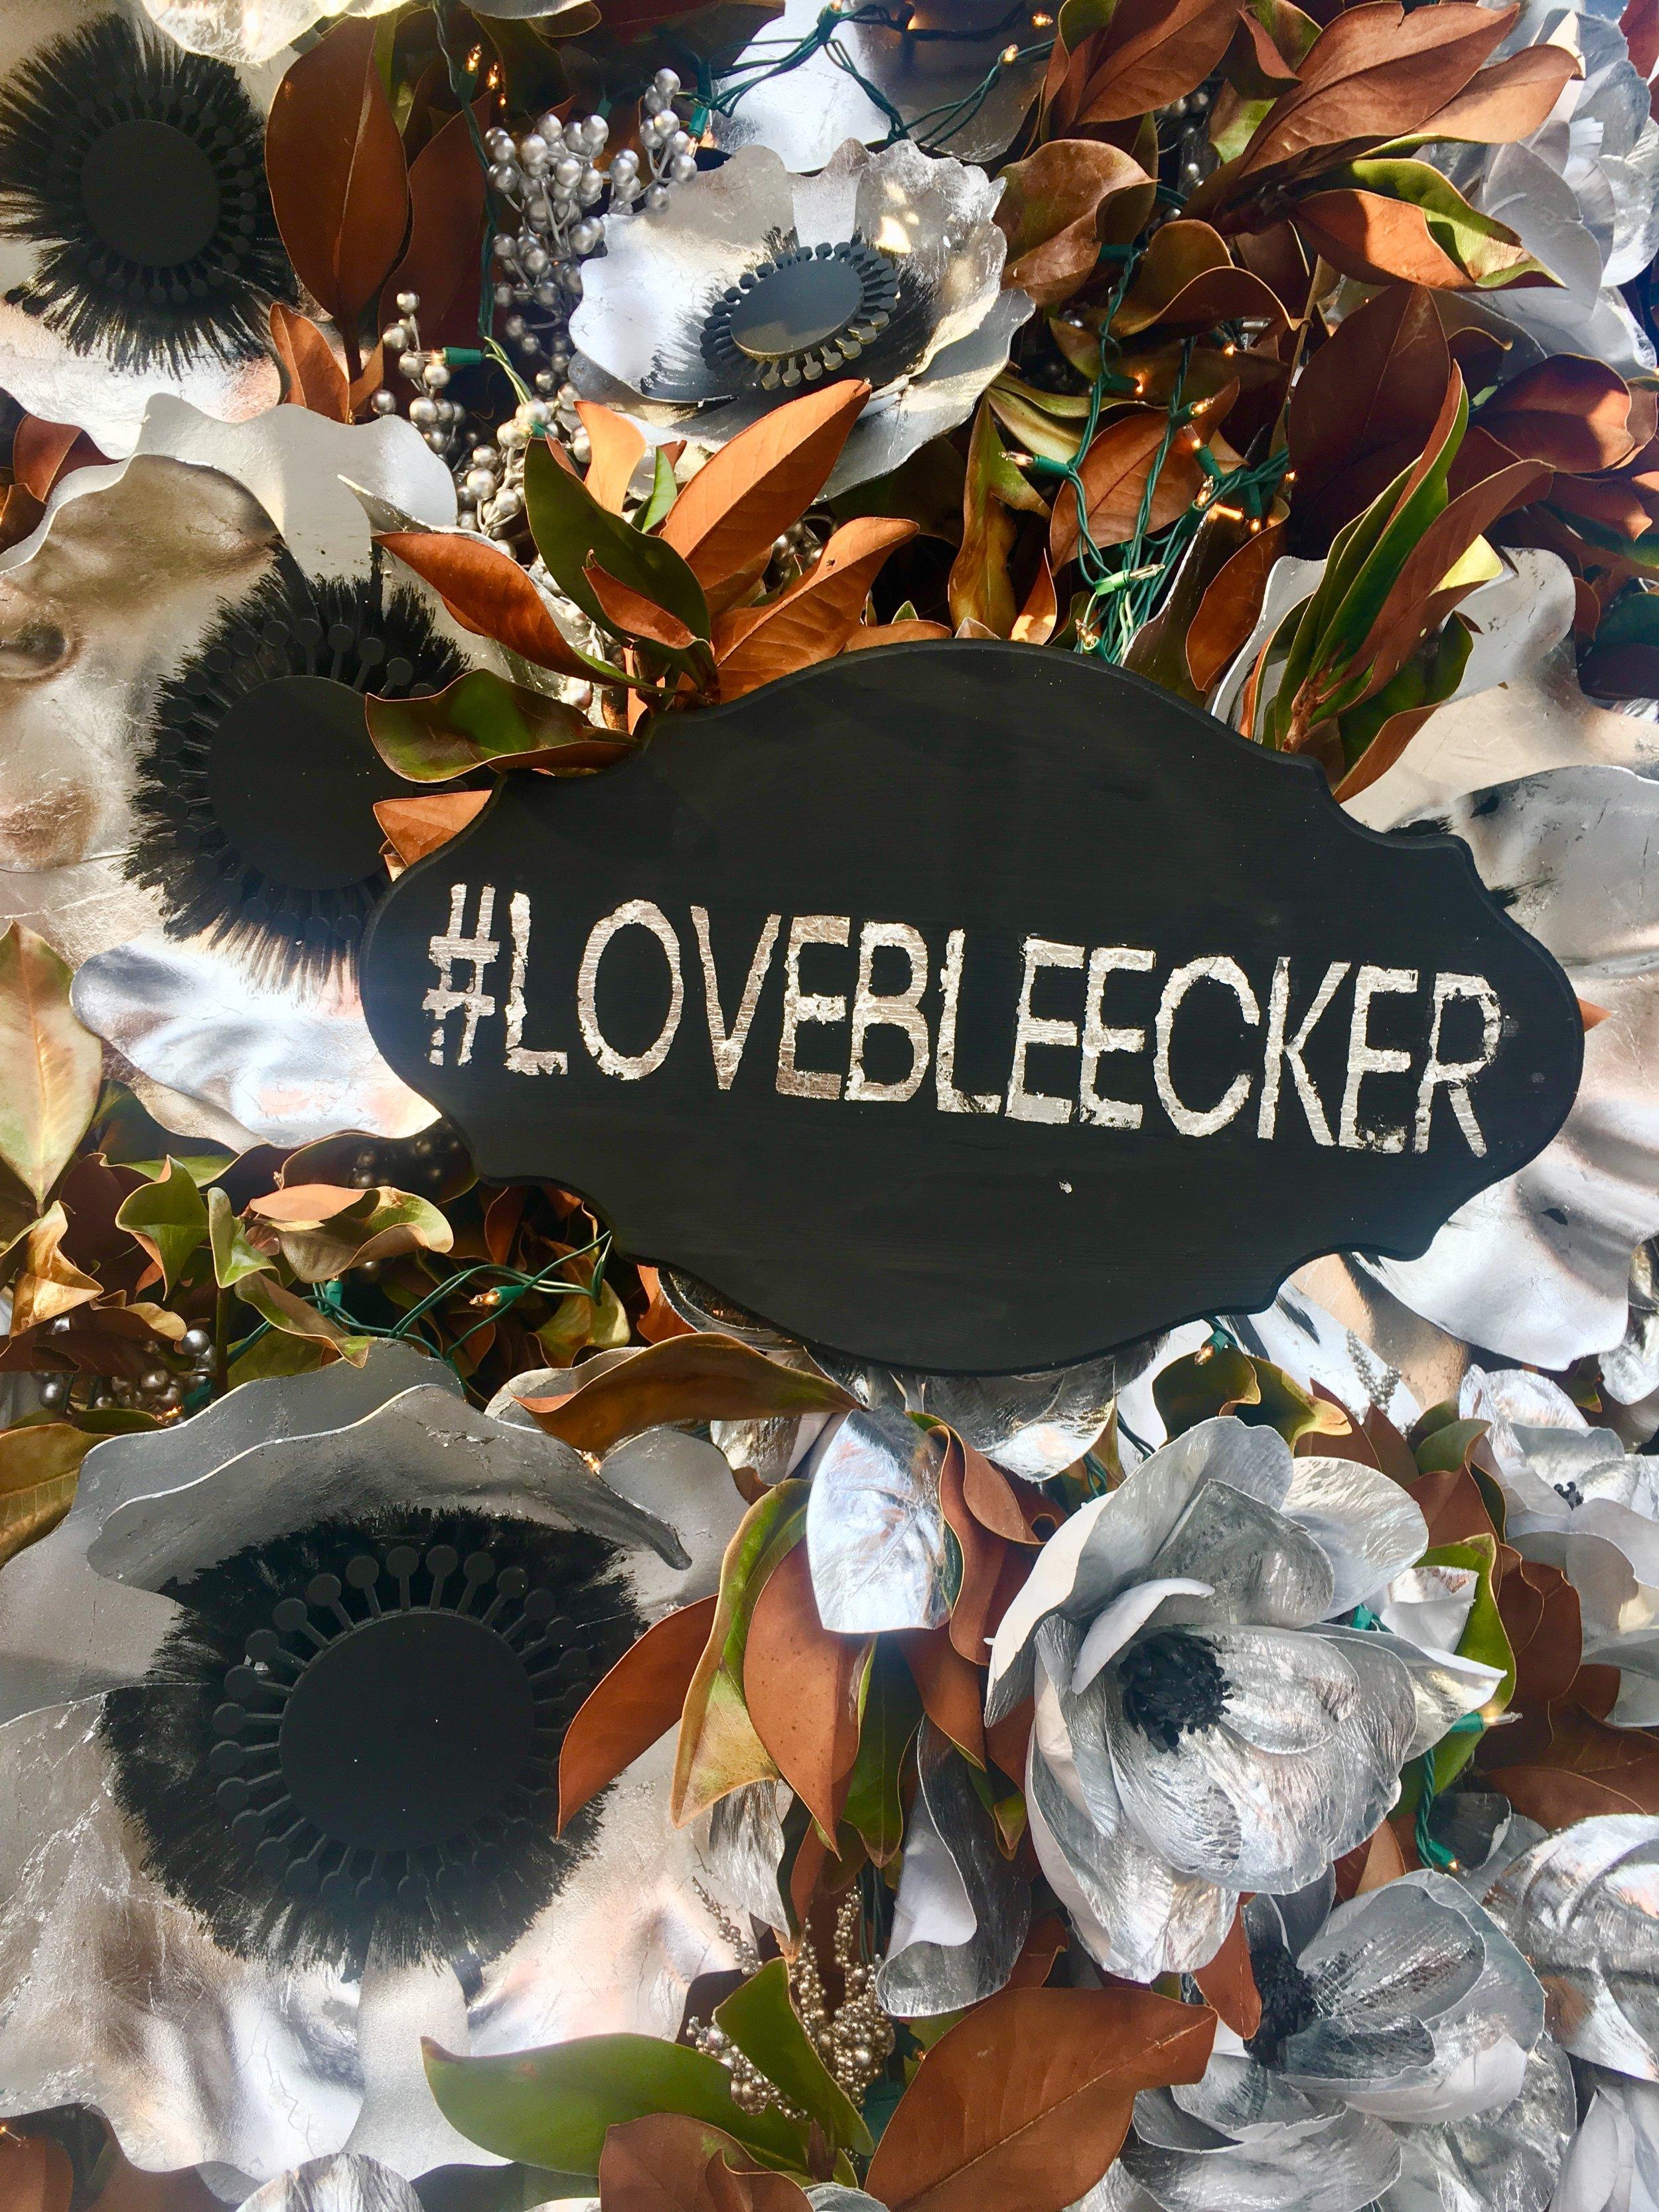 #lovebleecker